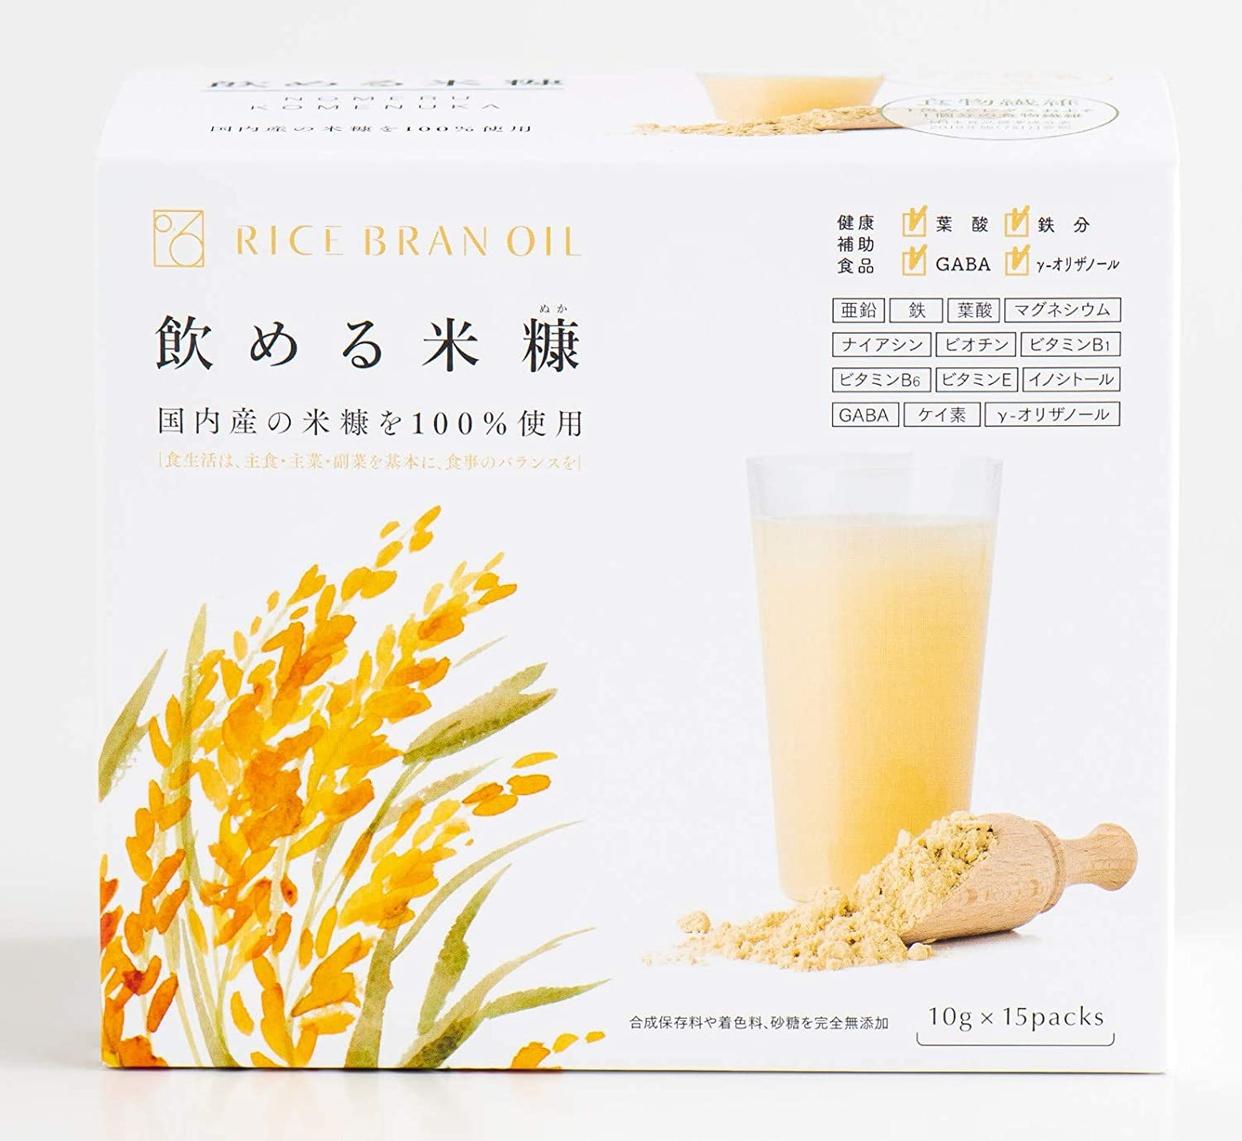 0.6 RICE BRAN OIL(0.6らいすぶらんおいる)飲める米糠